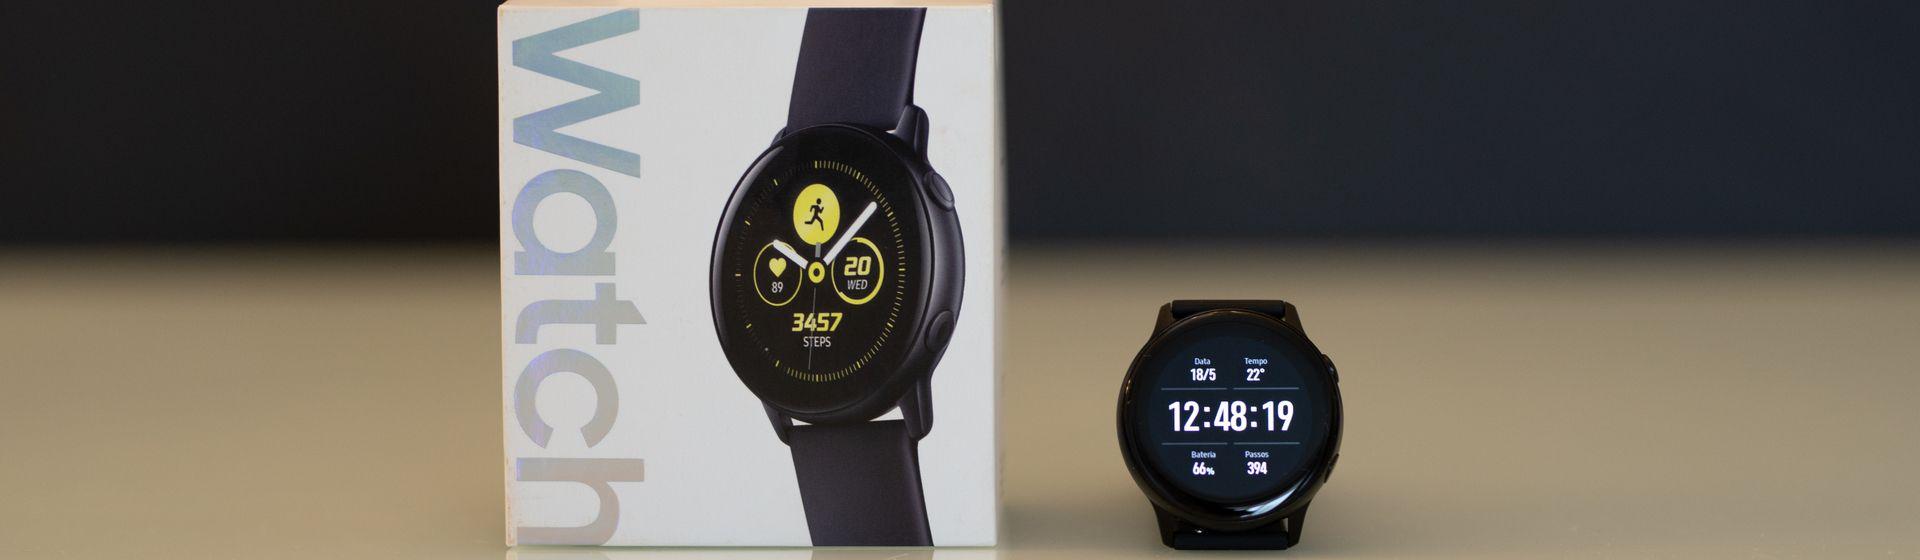 Galaxy Watch Active é bom? Veja análise da ficha técnica do smartwatch